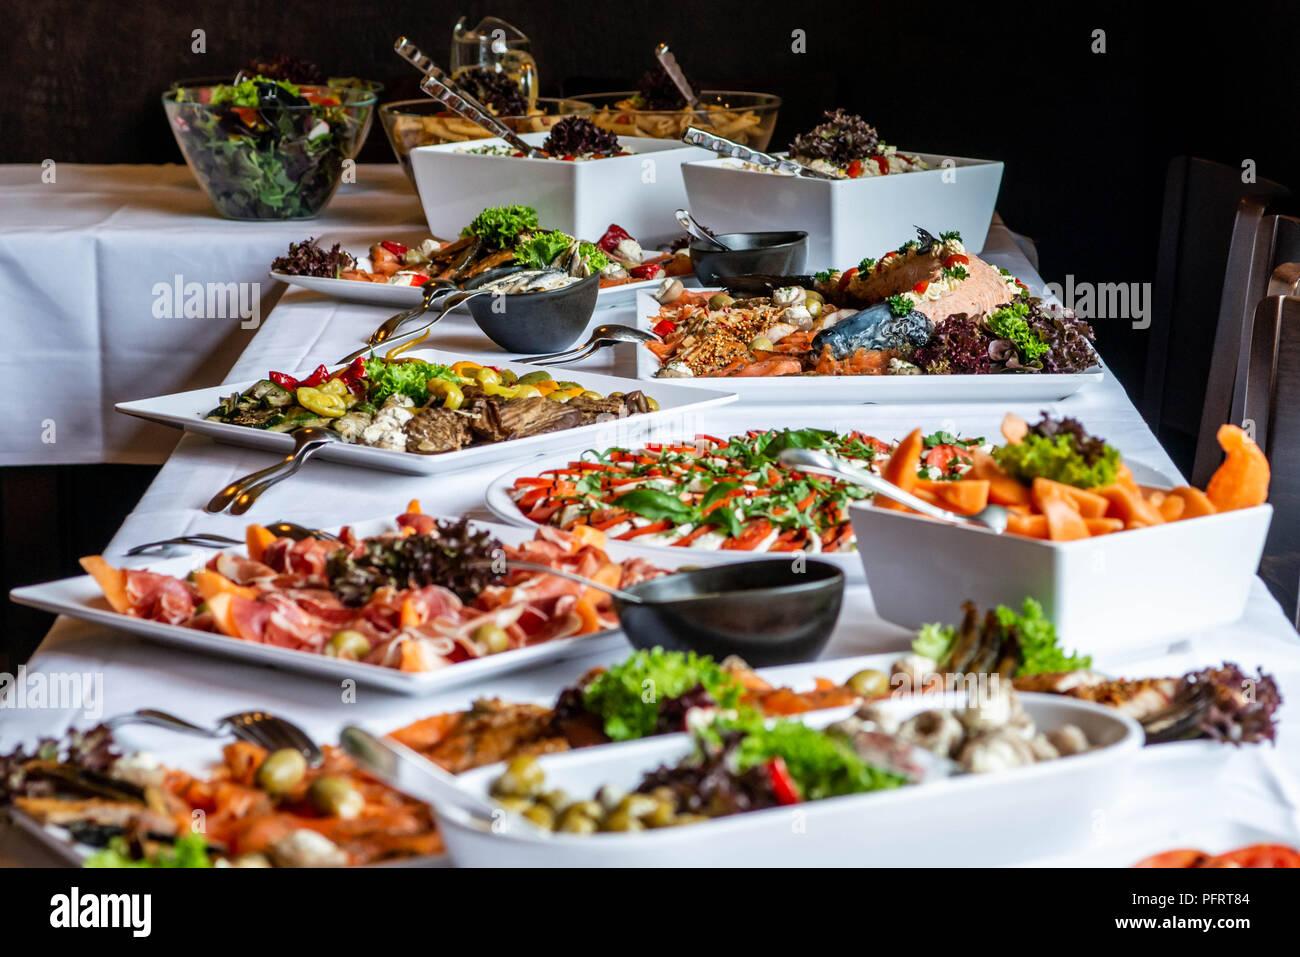 Party Brunch großes Buffet Tisch mit Essen Fleisch Gemüse